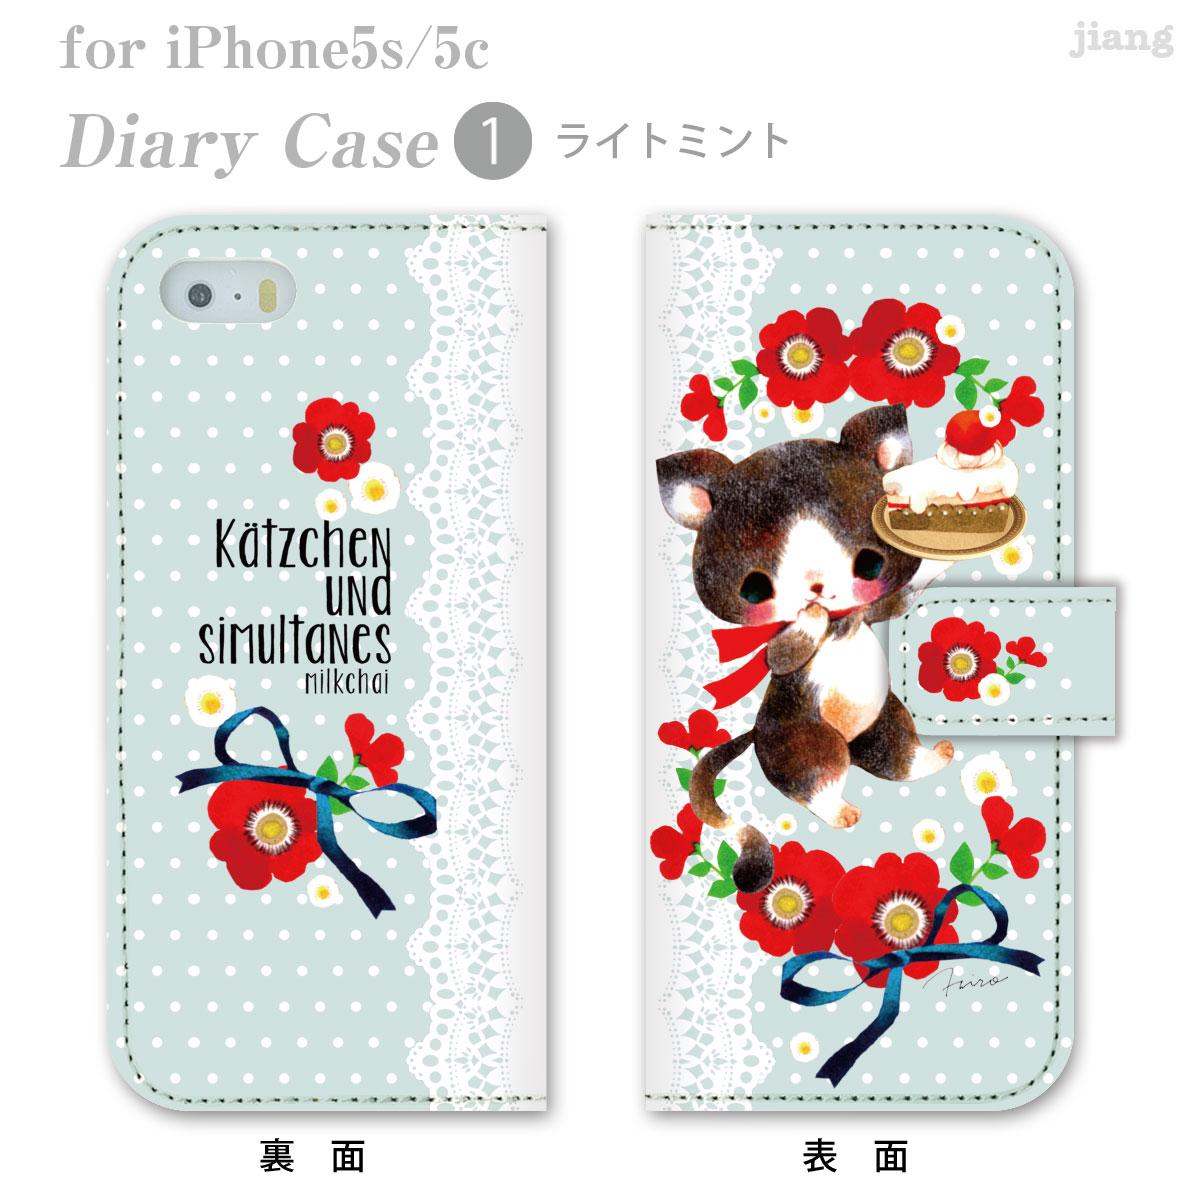 スマホケース 手帳型 全機種対応 iPhone7ケース iPhone7 Plus iPhone6s iPhone6 Plus iPhone5s iPhone5c AQUOS Xperia Z5 Z4 Z3 ARROWS GALAXY ケース カバー milkchai 猫キッチン 30-ip5-ds0001-zens